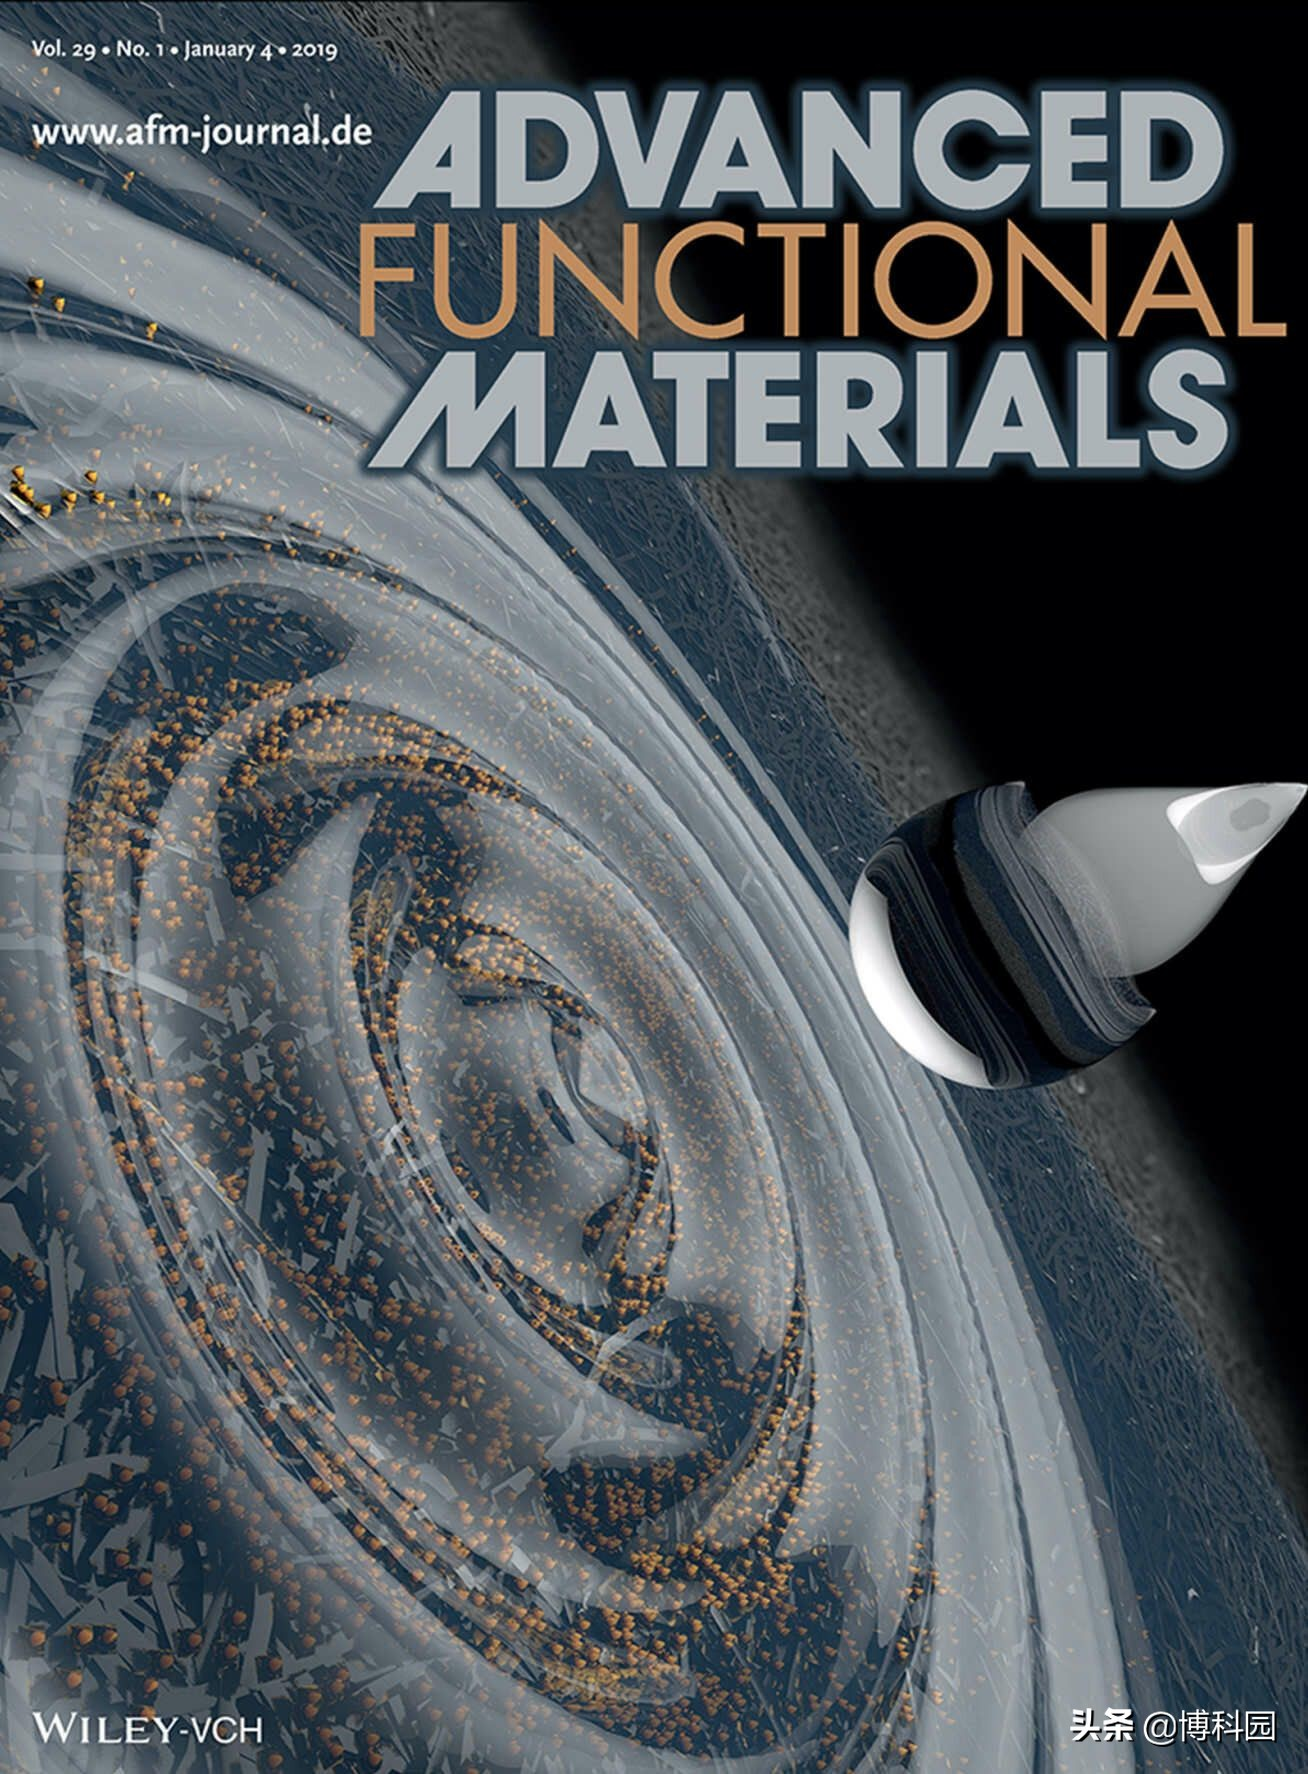 新型金属沉积技术使智能织物成为可能!